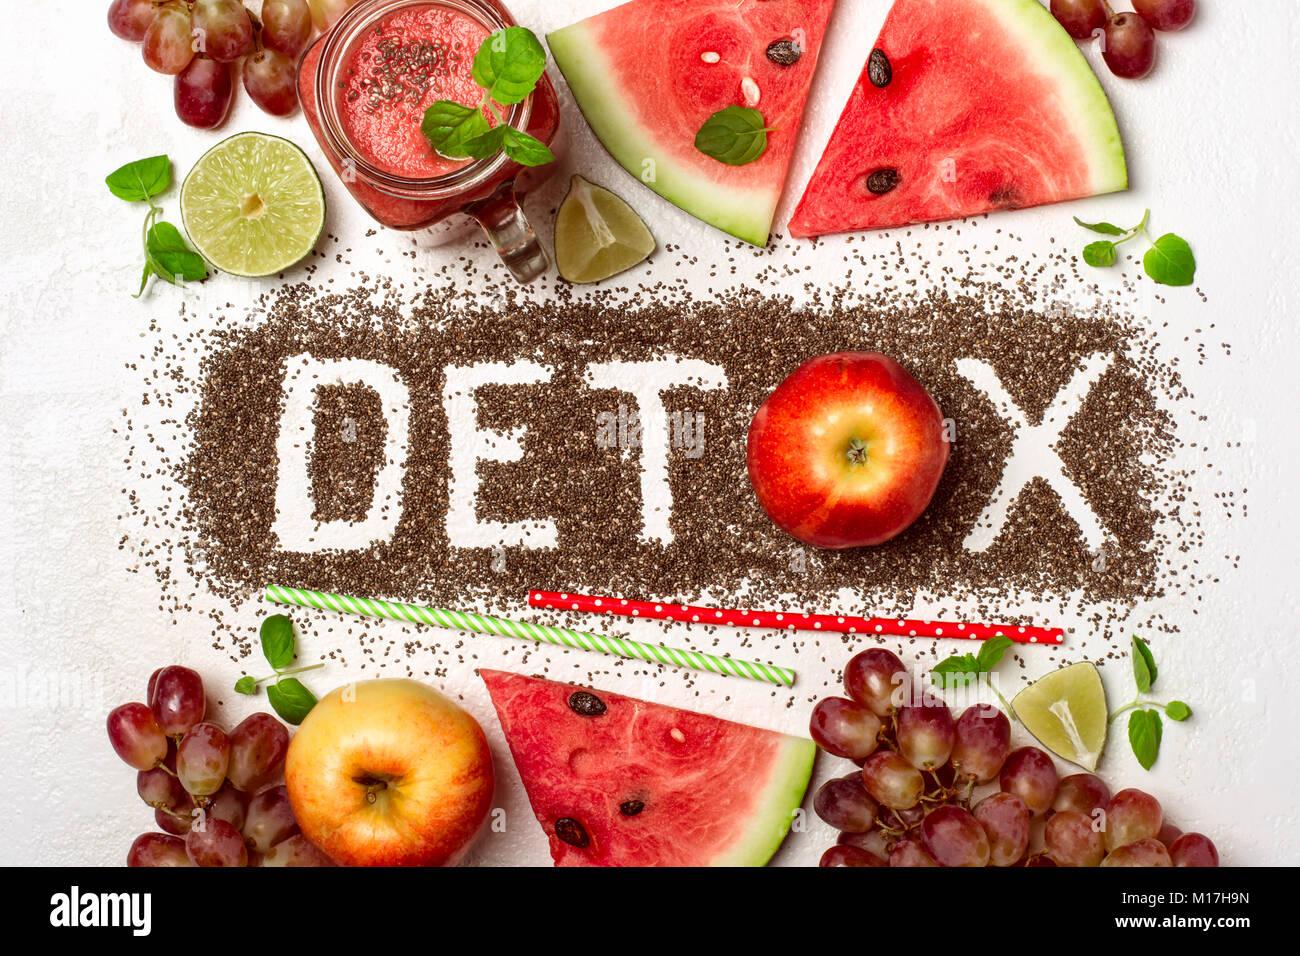 Mot detox est fabriqué à partir de graines de chia. Les smoothies rouge et d'ingrédients. Concept Photo Stock